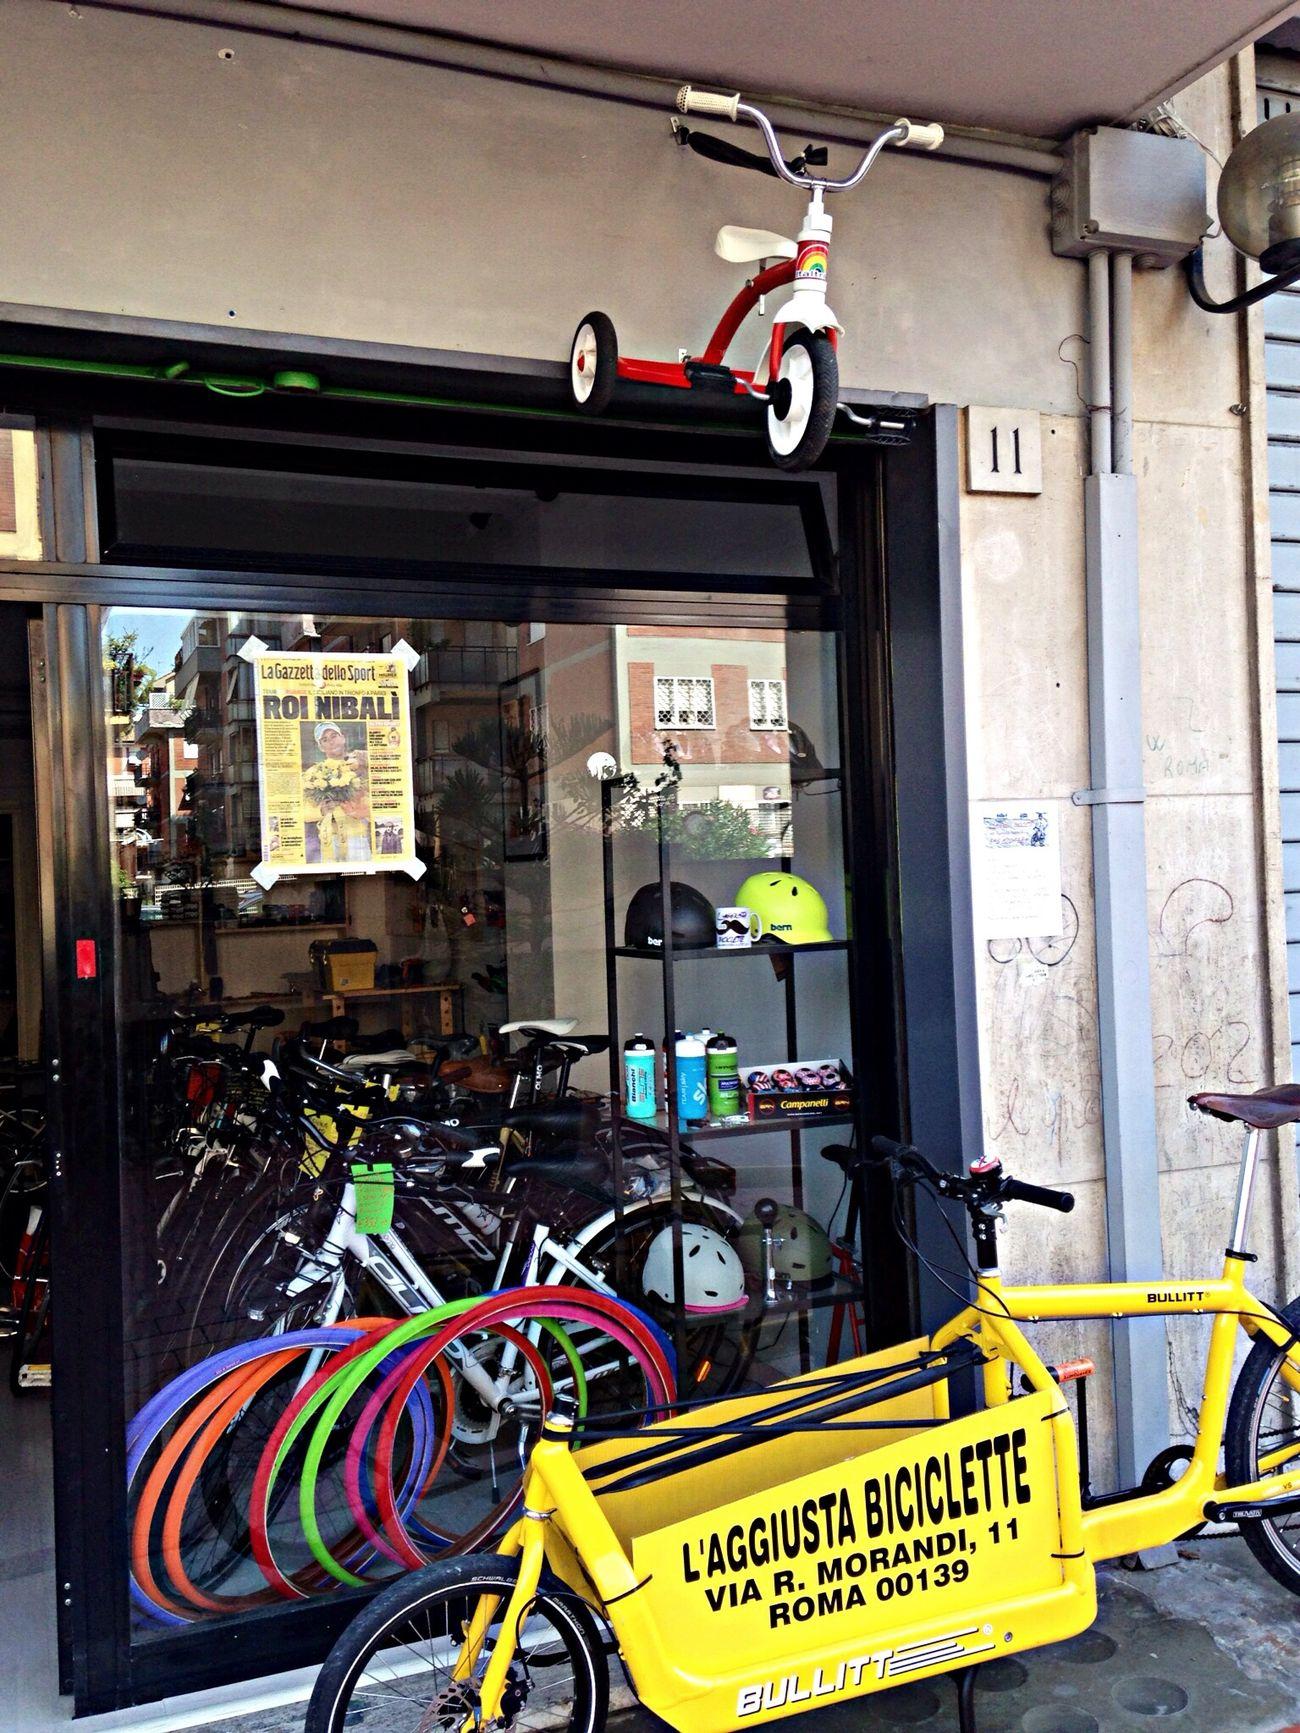 L'insegna L'insegna L'aggiusta Biciclette Triciclo Bici